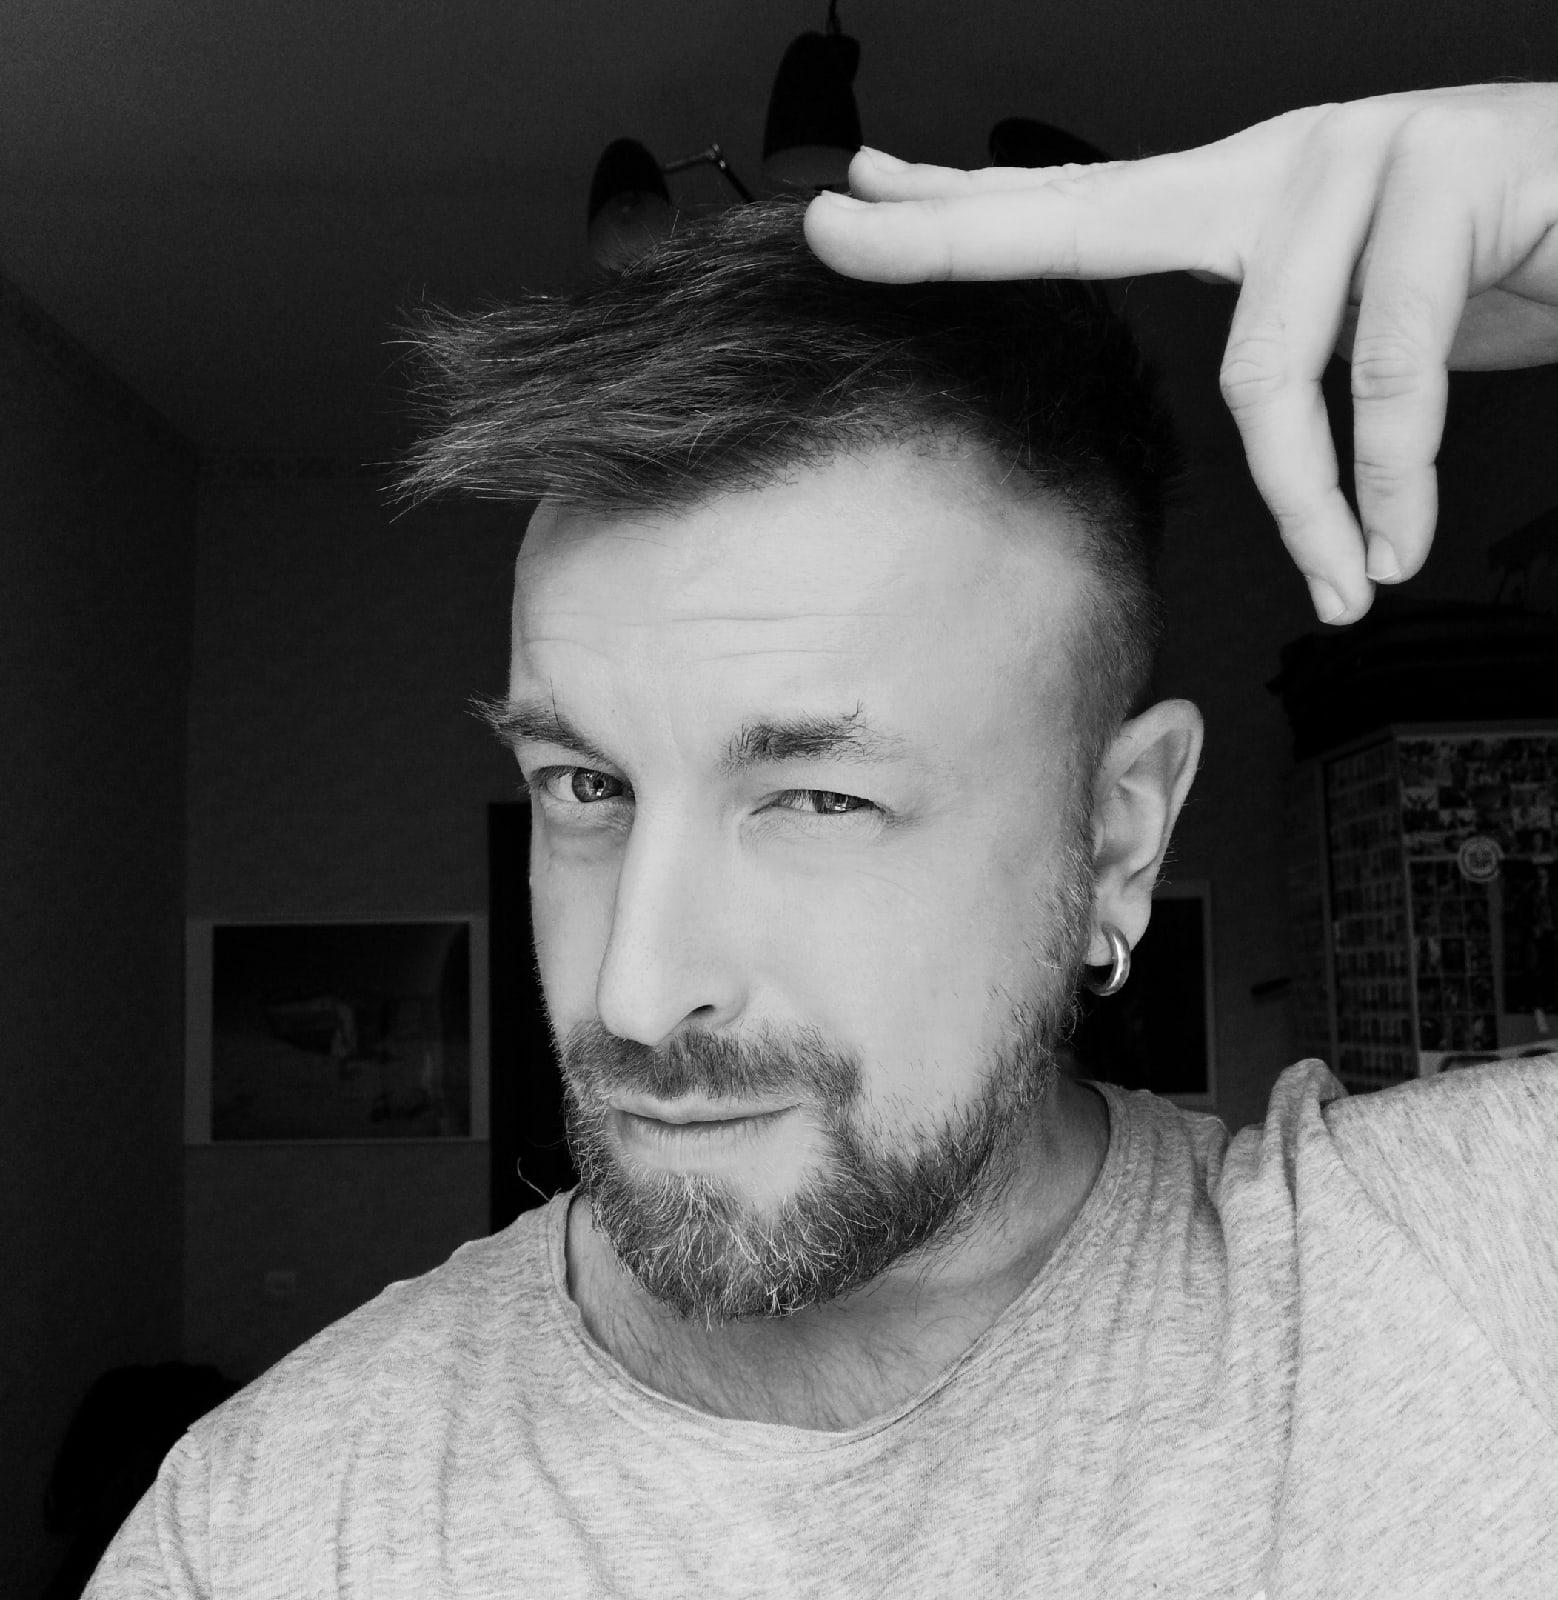 Петр Ловыгин (блогер «Петенька Планетка»): биография, личная жизнь, деятельность